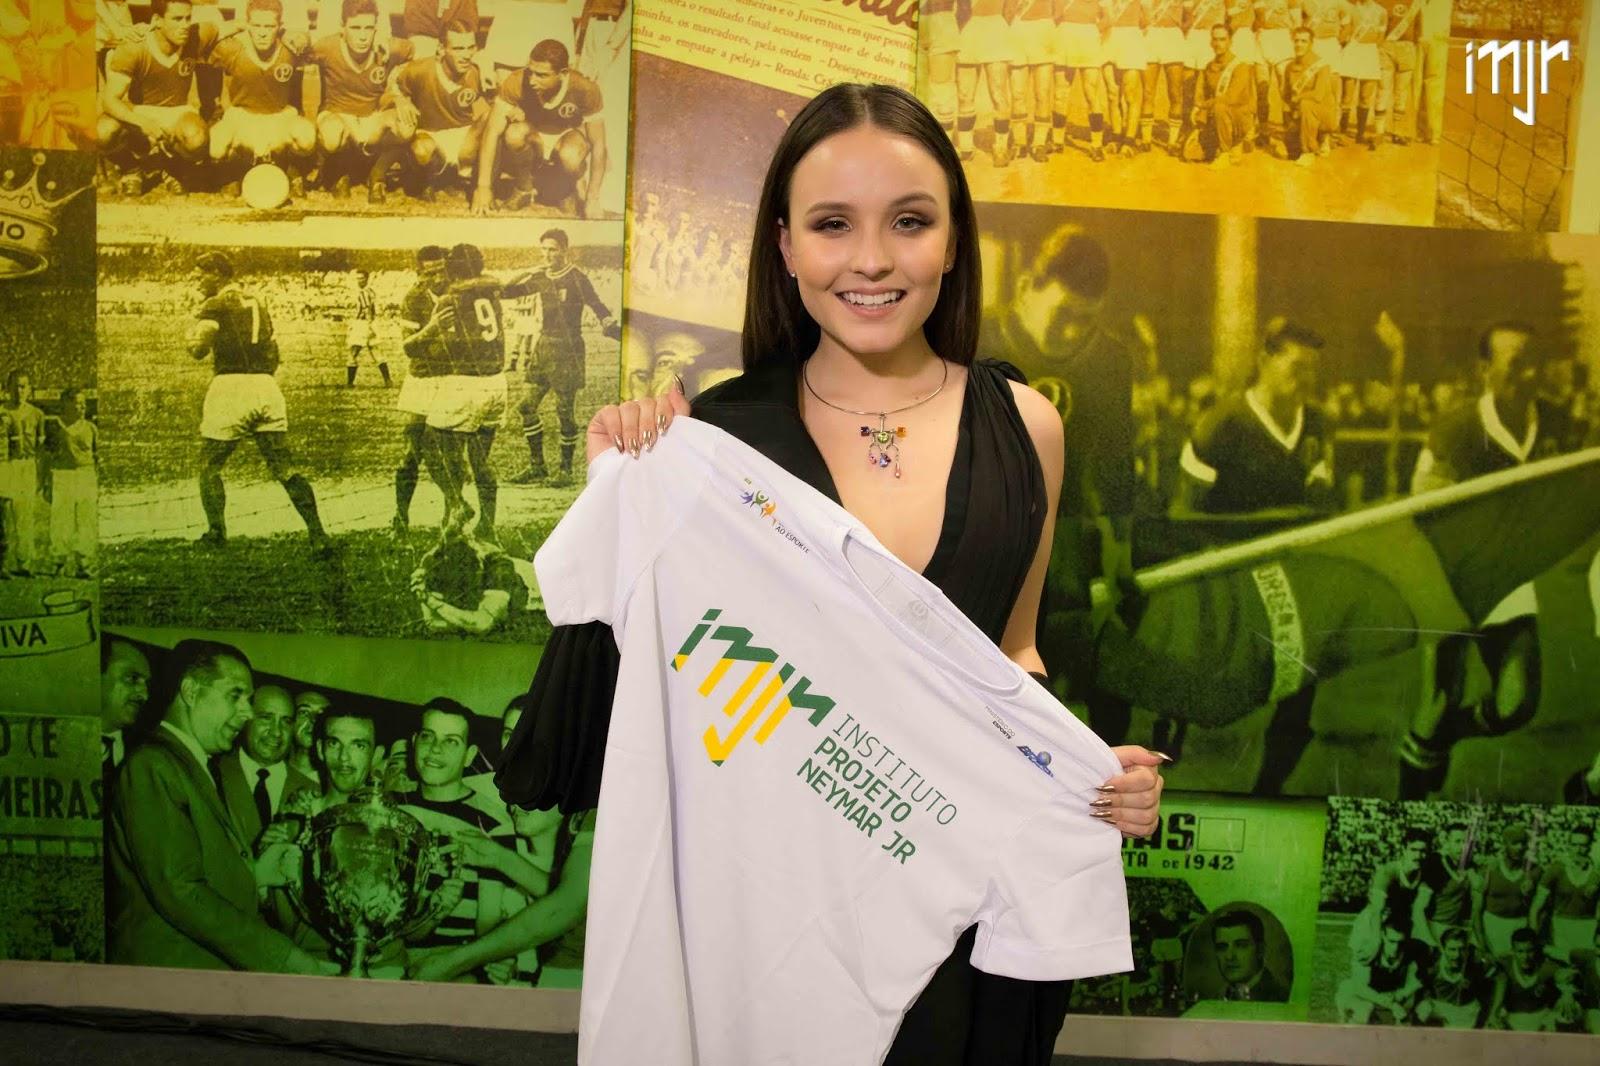 Leilão de Neymar tem jantar especial com Larissa Manoela e joia  personalizada Pedro Yossef e5102683b0